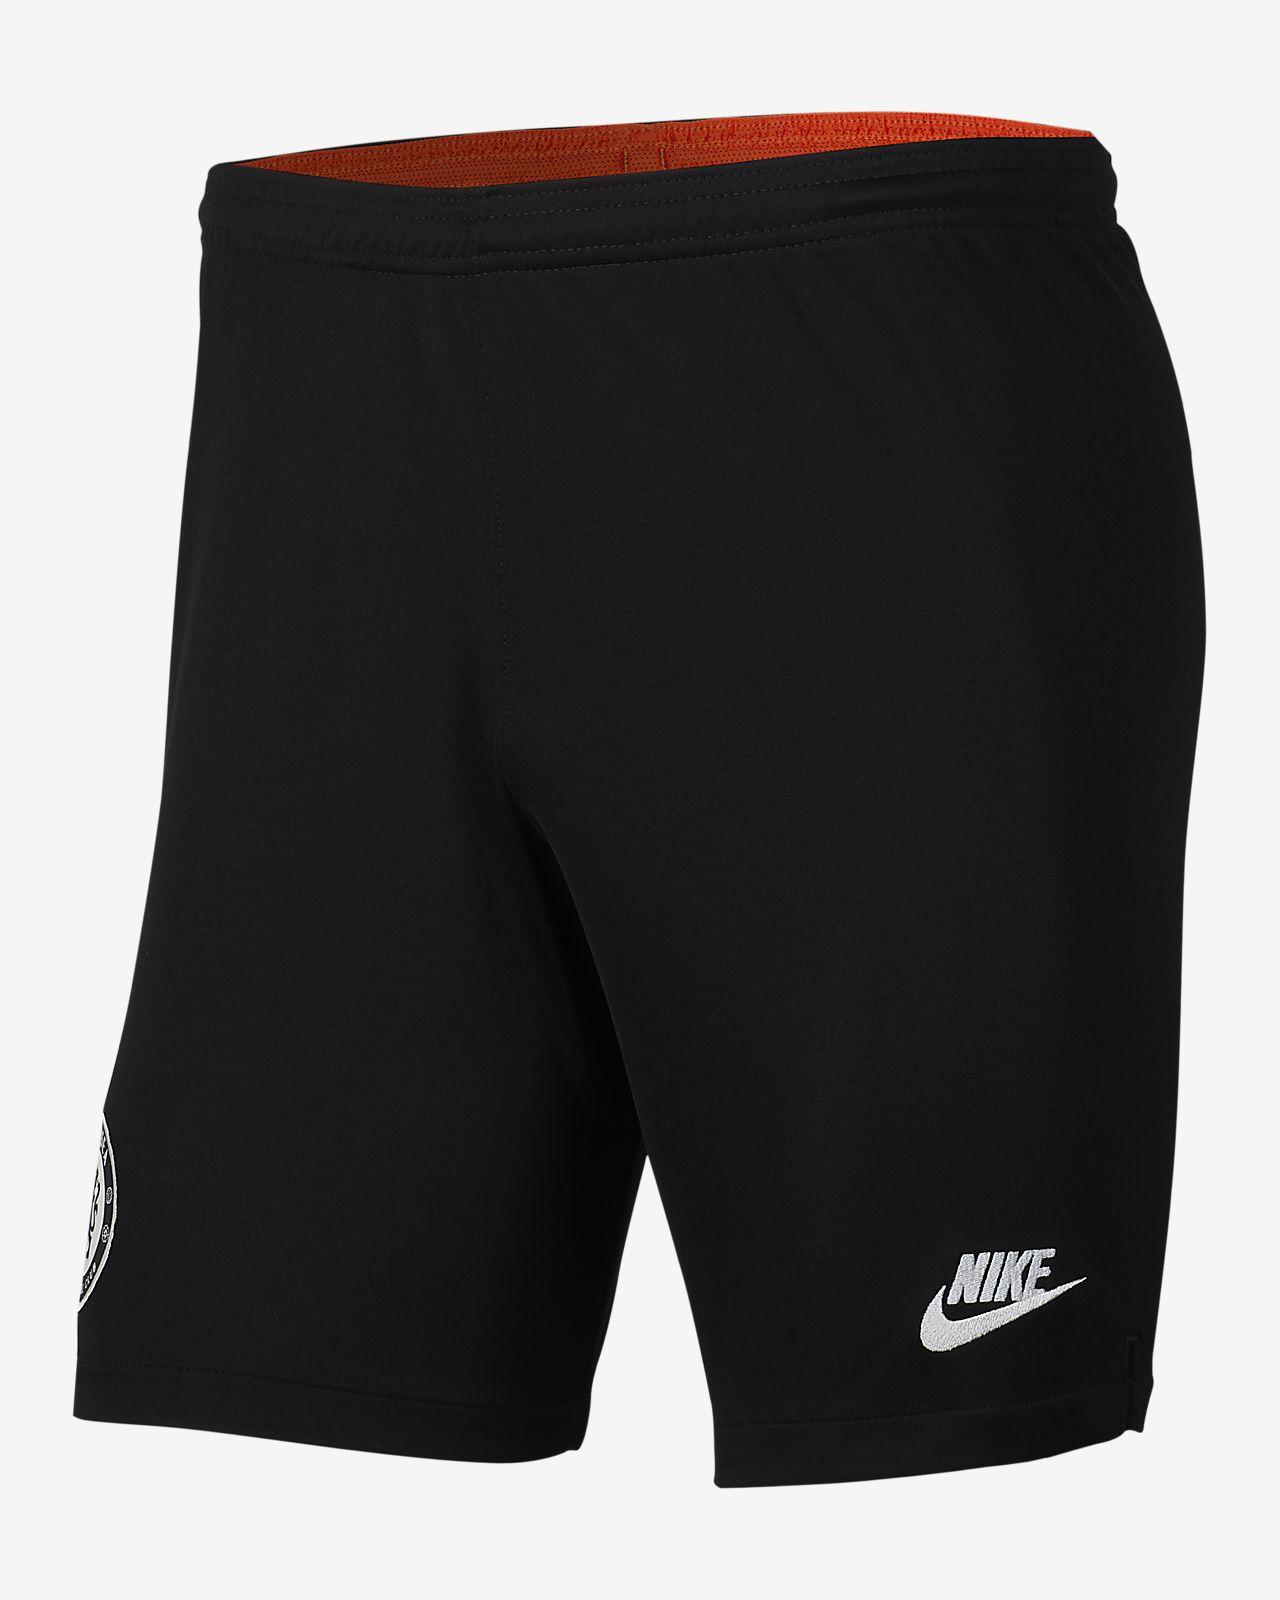 Shorts alternativos de fútbol para hombre Stadium del Chelsea FC 2019/20